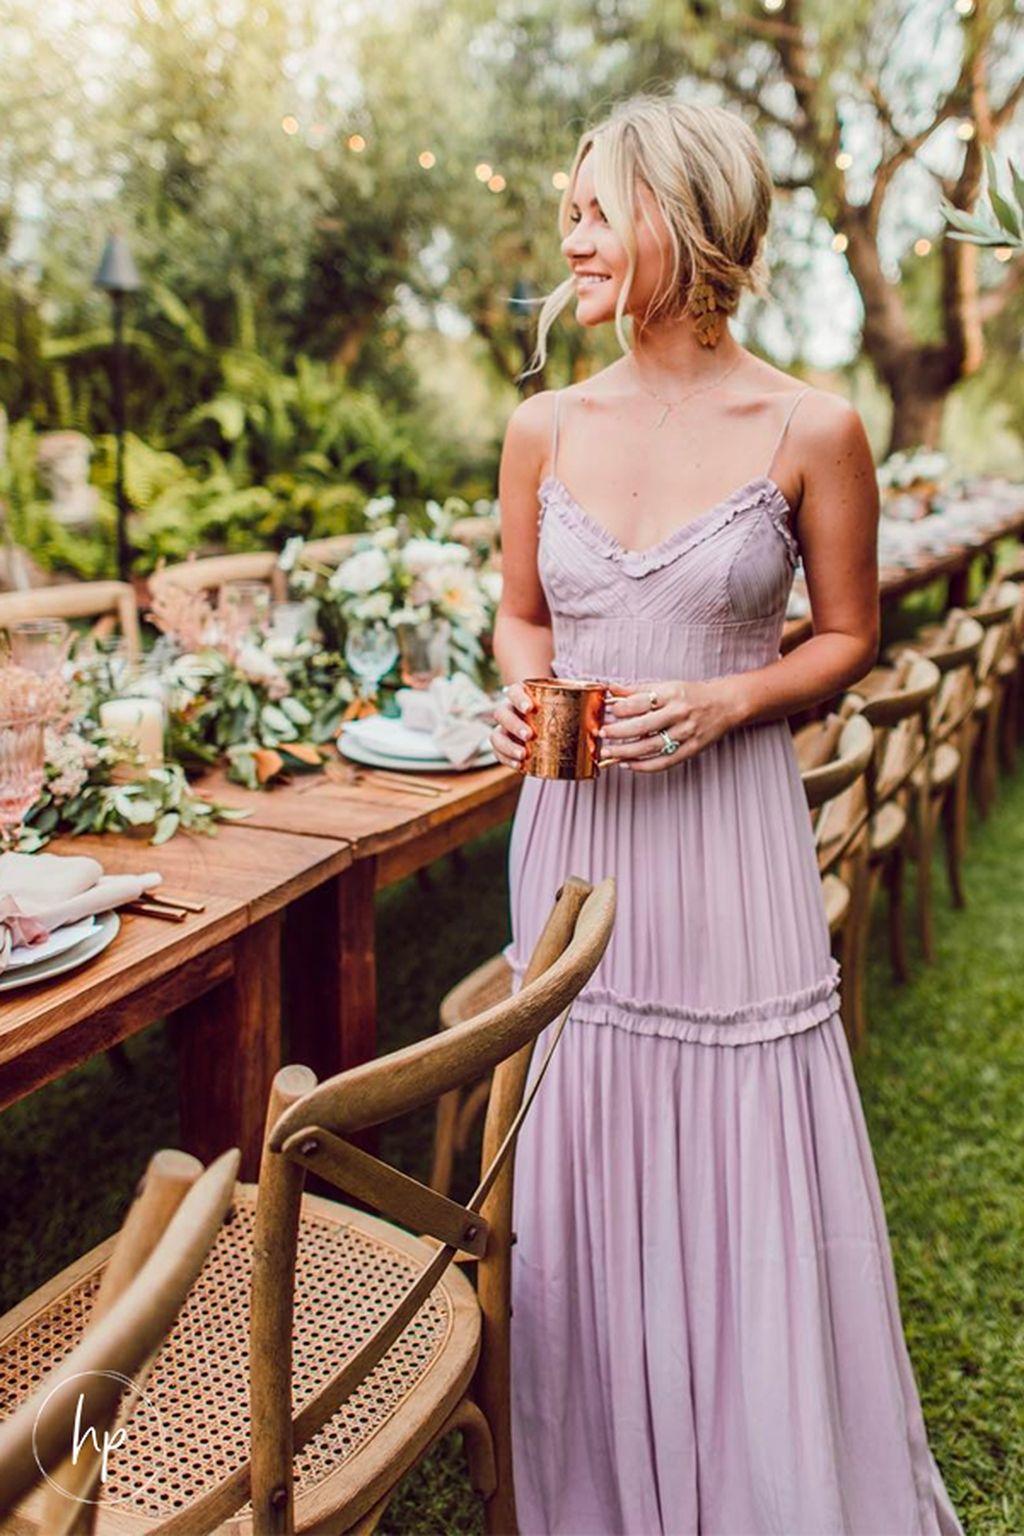 49 Inspiring Casual Summer Wedding Guest Dresses Wedding Guest Dress Summer Outdoor Wedding Guest Dresses Spring Wedding Guest Dress [ 1536 x 1024 Pixel ]